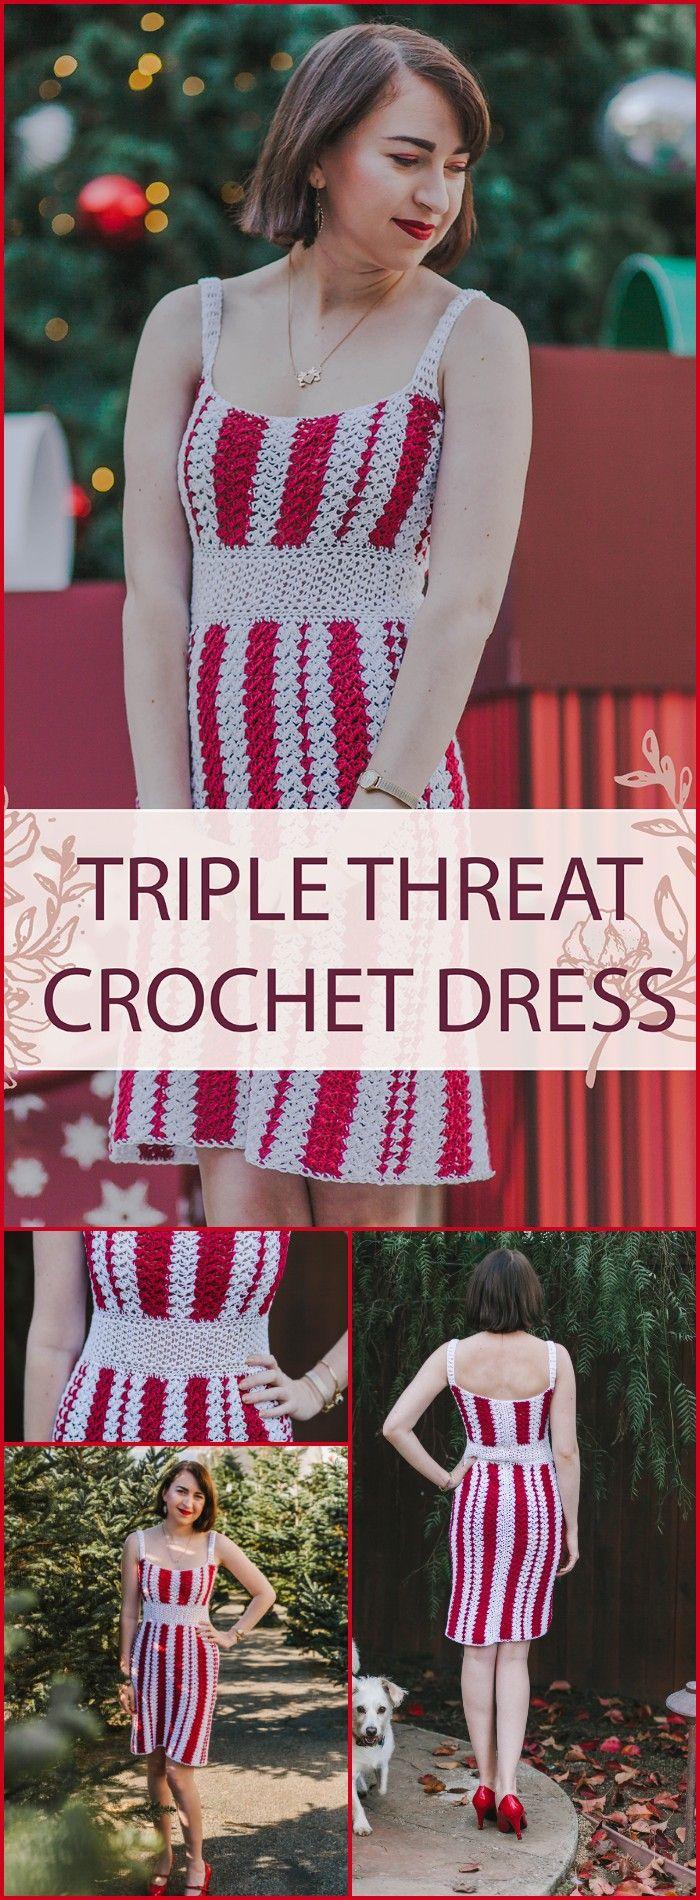 Crochet Dress Pattern - Free Crochet Patterns #crochetdress